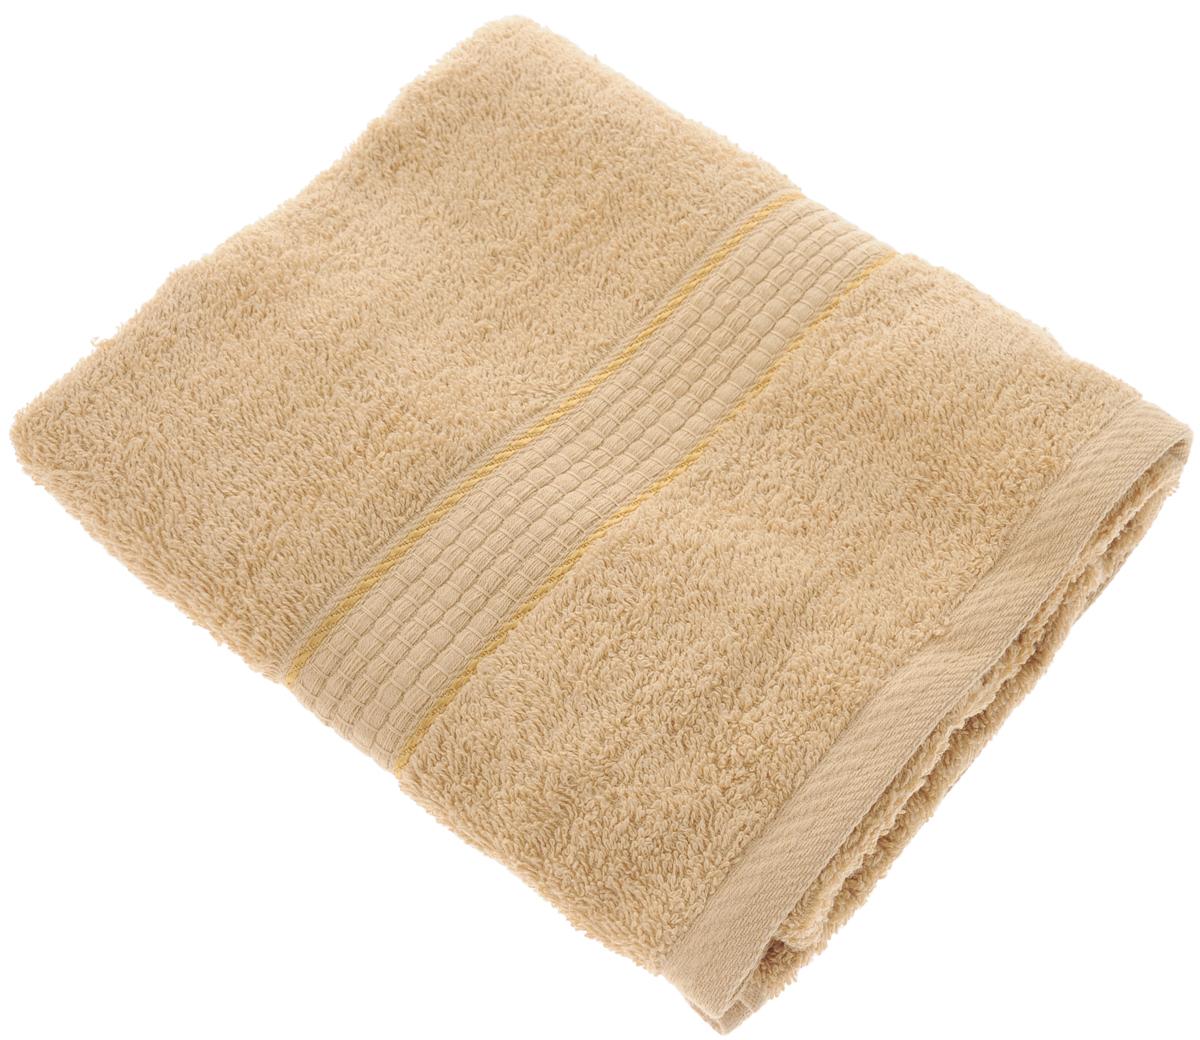 Полотенце махровое Aisha Home Textile Соты, цвет: светло-коричневый, 50 х 90 смУзТ-ПМ-112-08-23кПолотенце Aisha Home Textile Соты выполнено из натуральной гладкокрашеной махровой ткани (100% хлопок). Изделие отлично впитывает влагу, быстро сохнет, не линяет, сохраняет яркость цвета и не теряет форму даже после многократных стирок. Изысканный бордюр с рисунком в виде сот придает изделию элегантный внешний вид, поэтому оно подойдет для любого интерьера ванной комнаты.Полотенце очень практично и неприхотливо в уходе. Оно станет достойным выбором для вас и приятным подарком для ваших близких. Полотенце упаковано в стильную подарочную коробку.